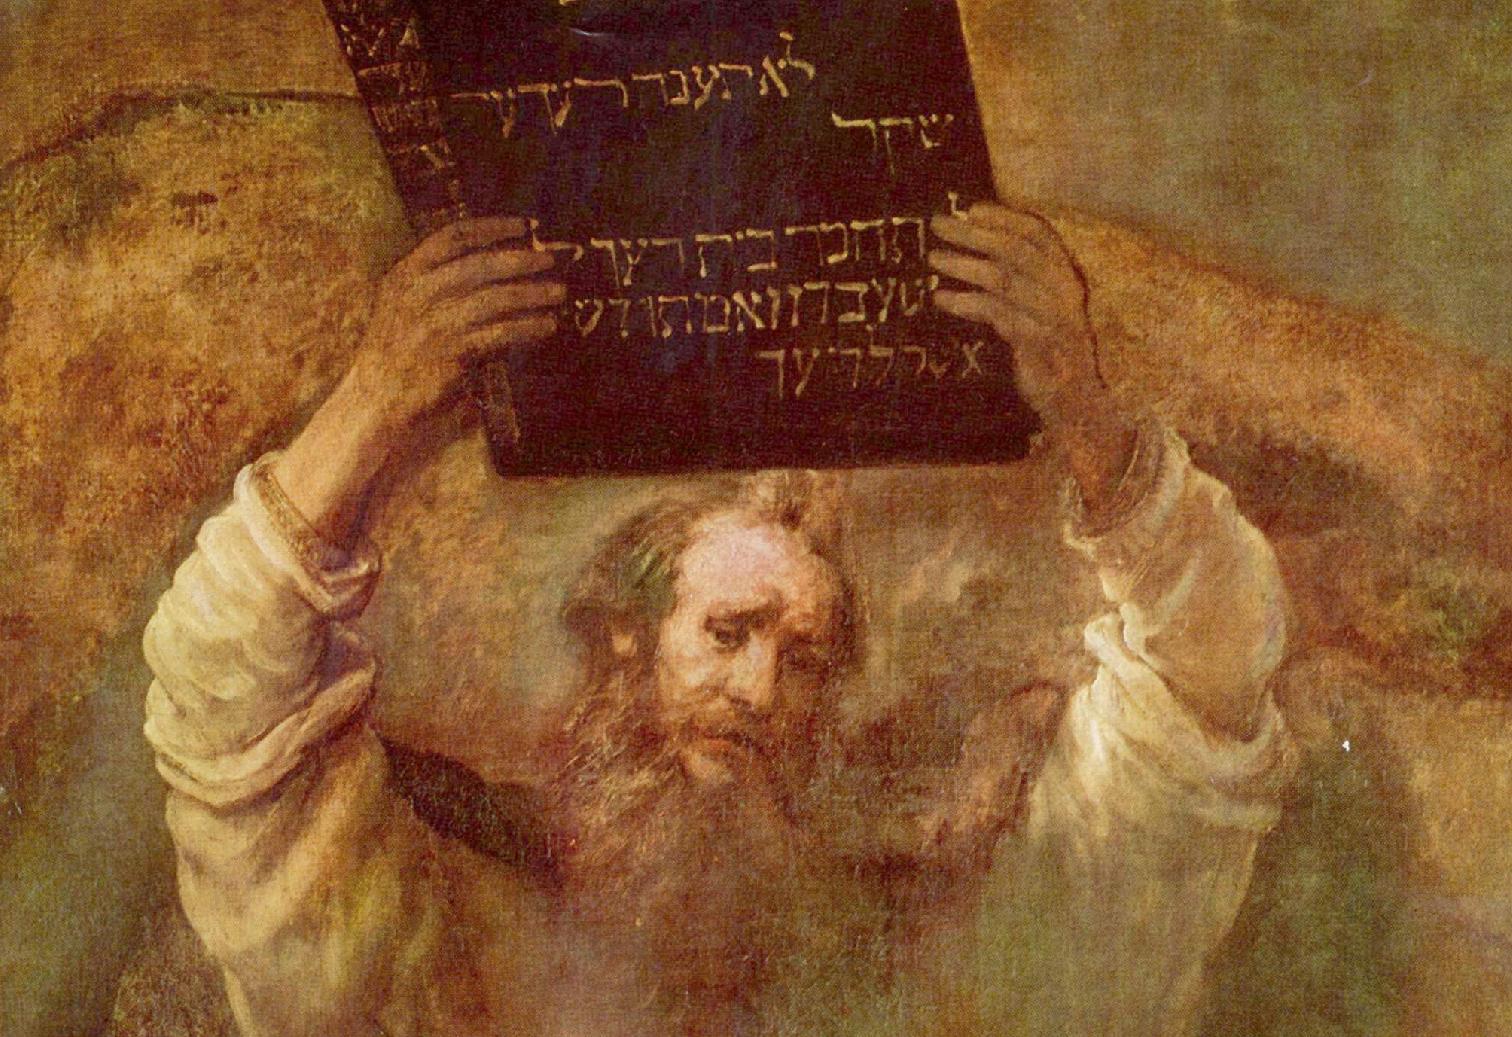 Рембрандт. Моисей с 10-ю заповедями (фрагмент картины)